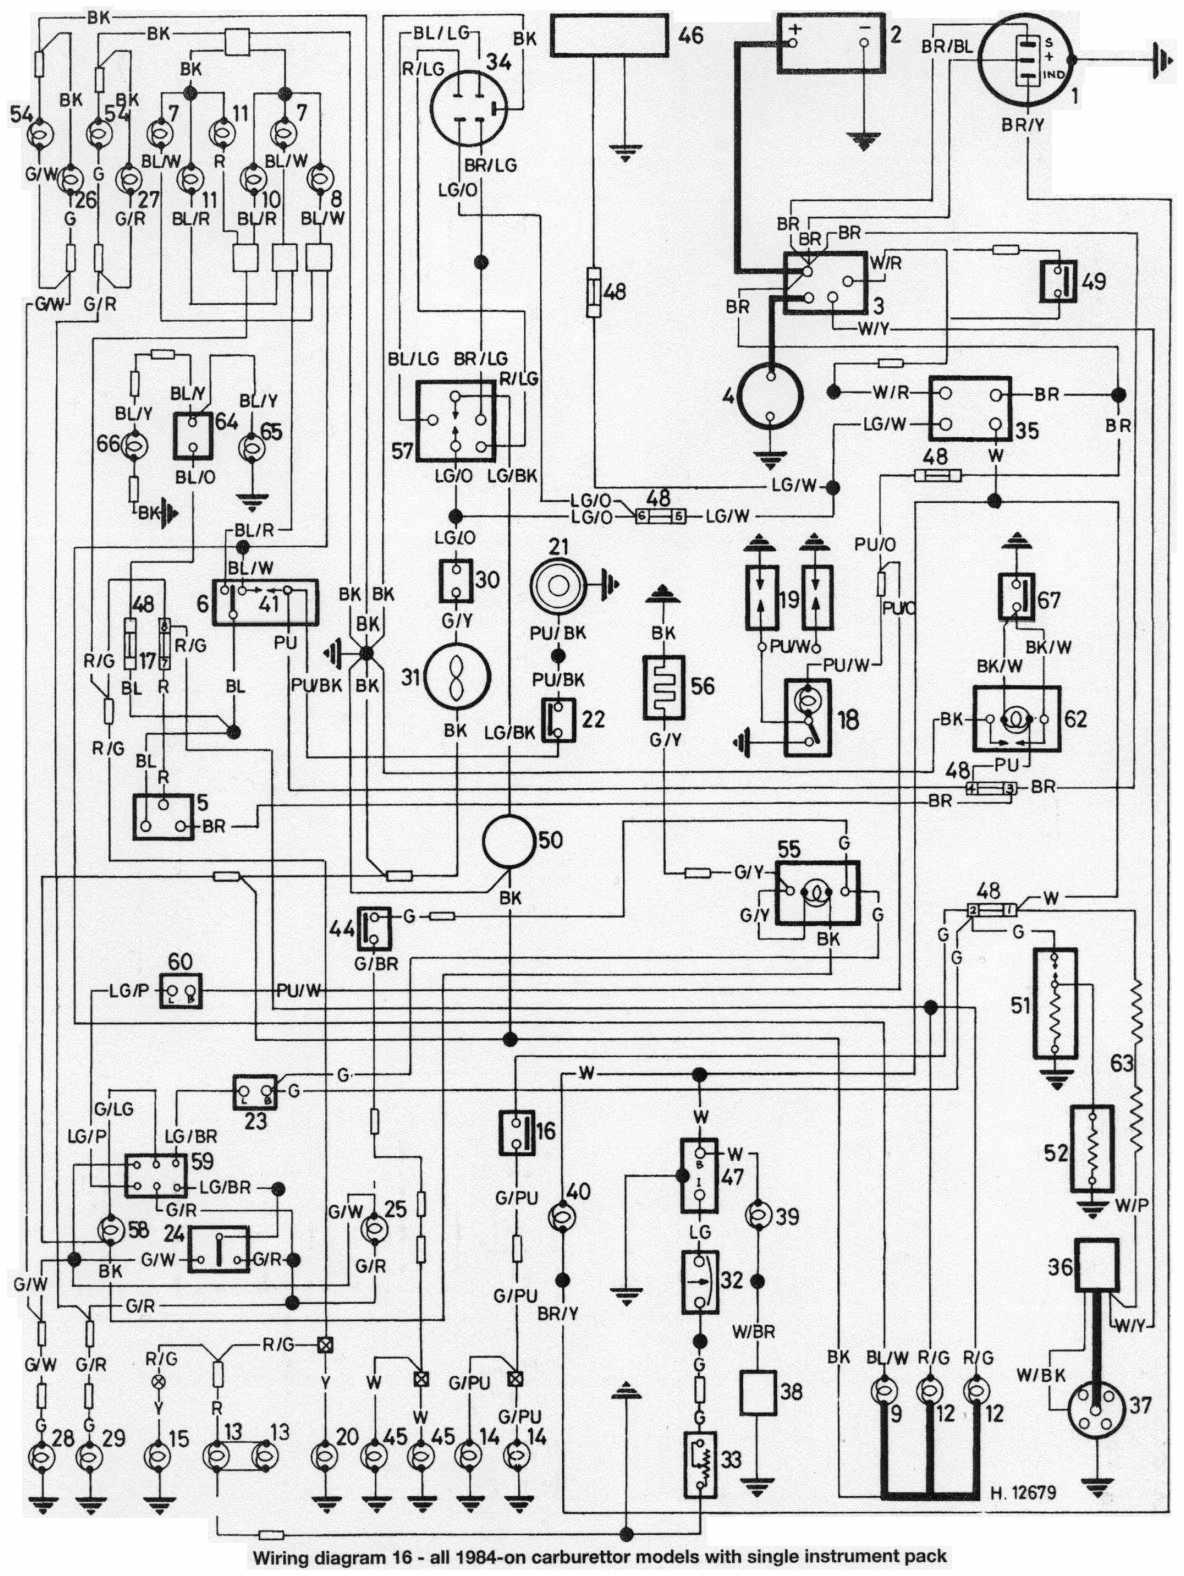 2011 Mini Cooper Wiring Diagram